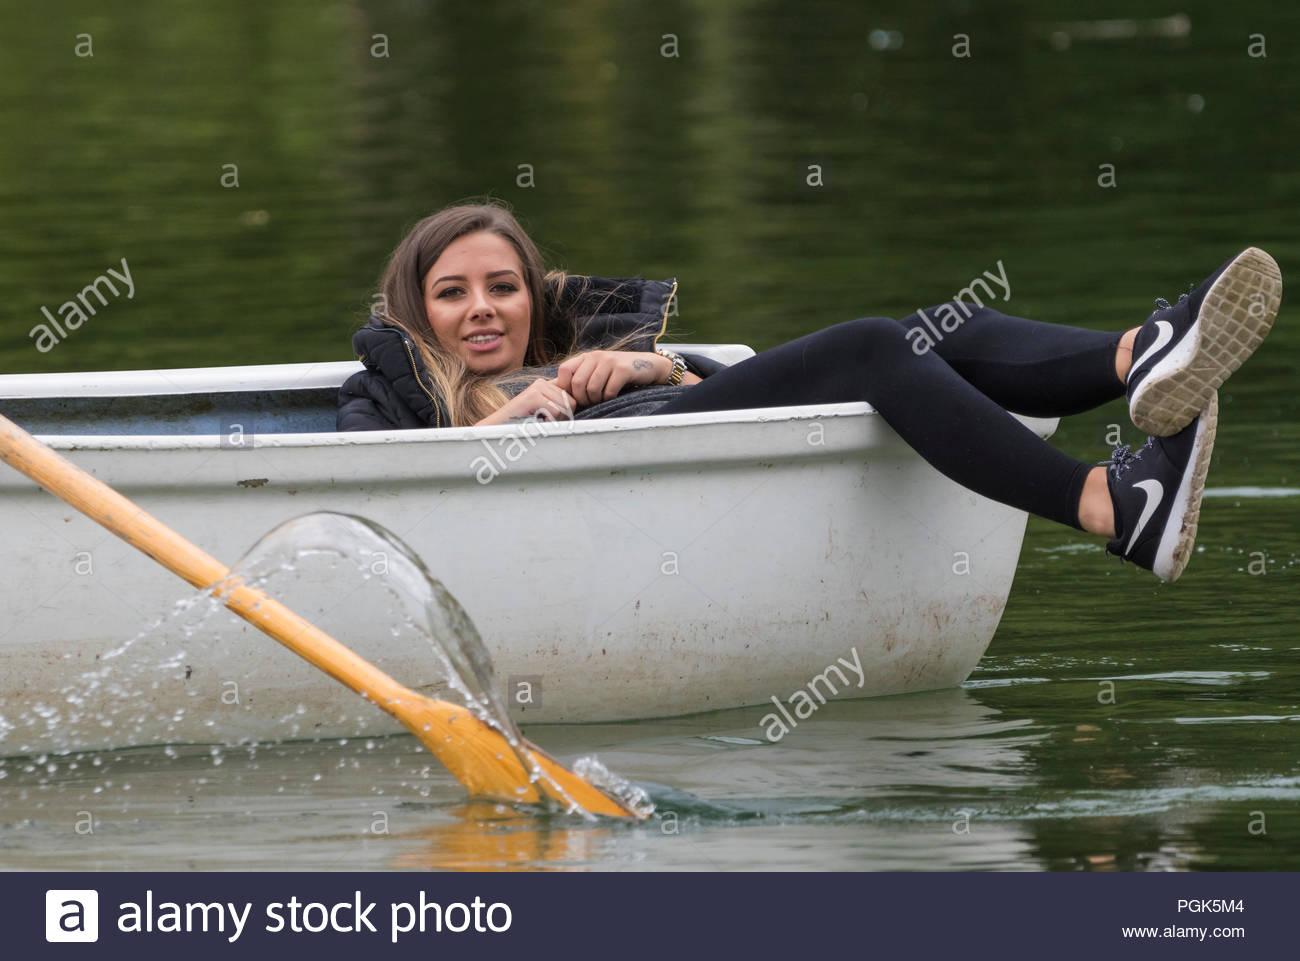 Una joven mujer echar atrás relajante en un bote a remo en un lago con botes, en Lago Swanbourne, Arundel, West Sussex, Inglaterra, Reino Unido. Imagen De Stock